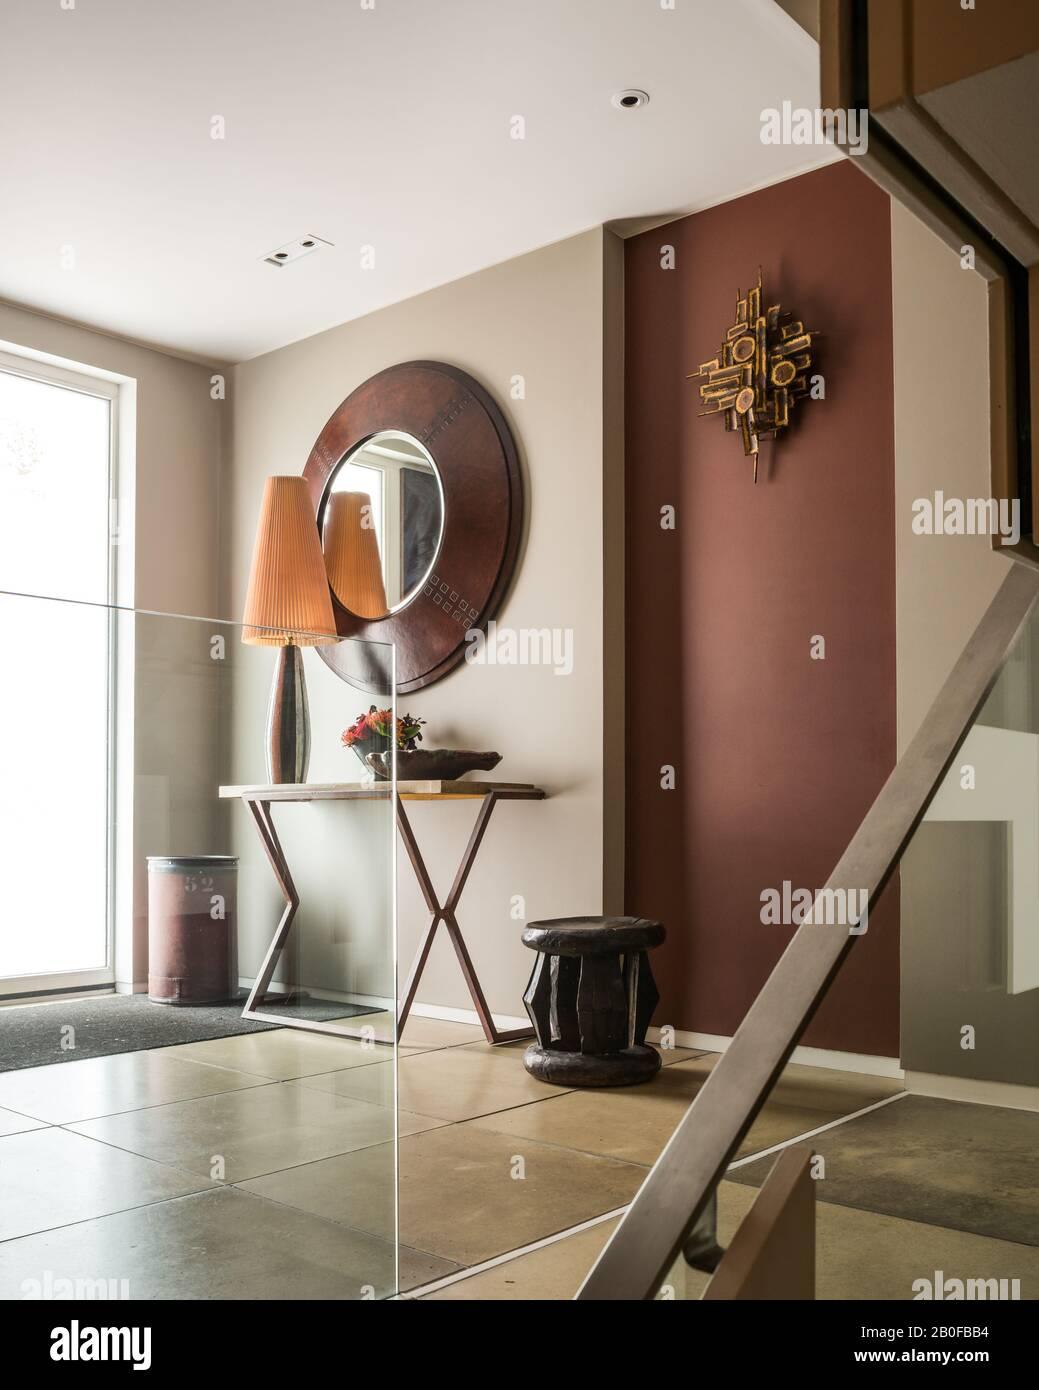 Grand miroir au-dessus de la table dans le couloir de l'appartement moderne De Wset Londres. Banque D'Images